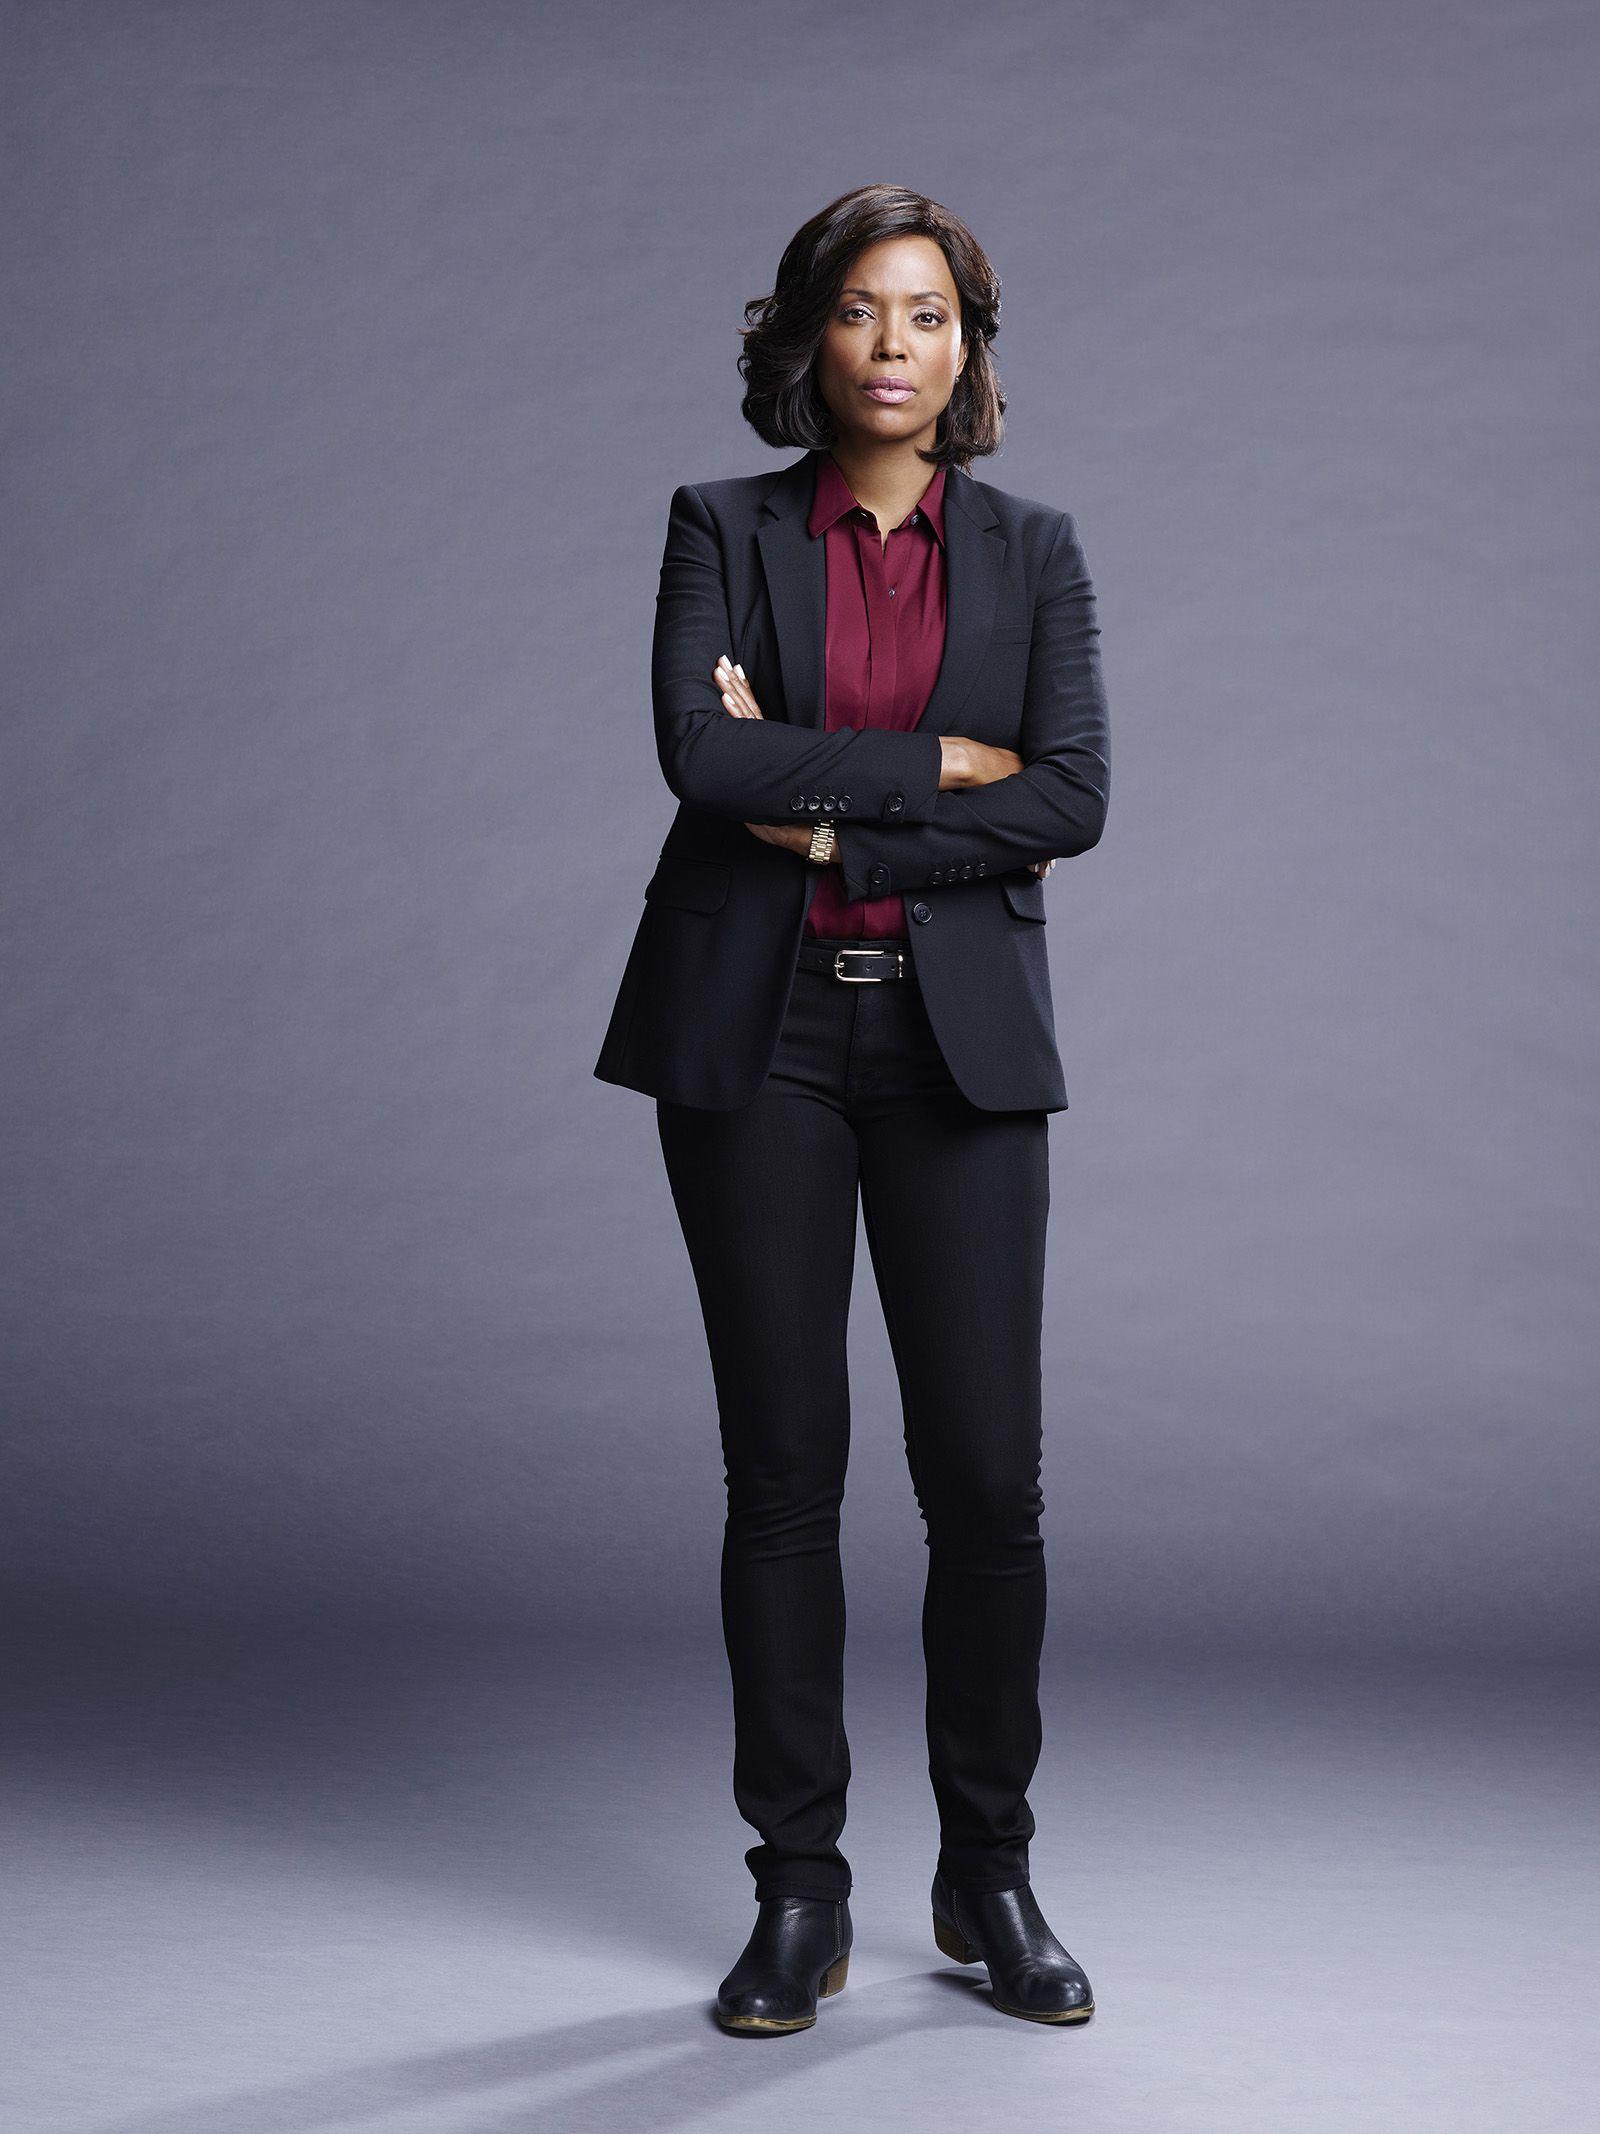 Criminal minds season 12 dr tara lewis aisha tyler